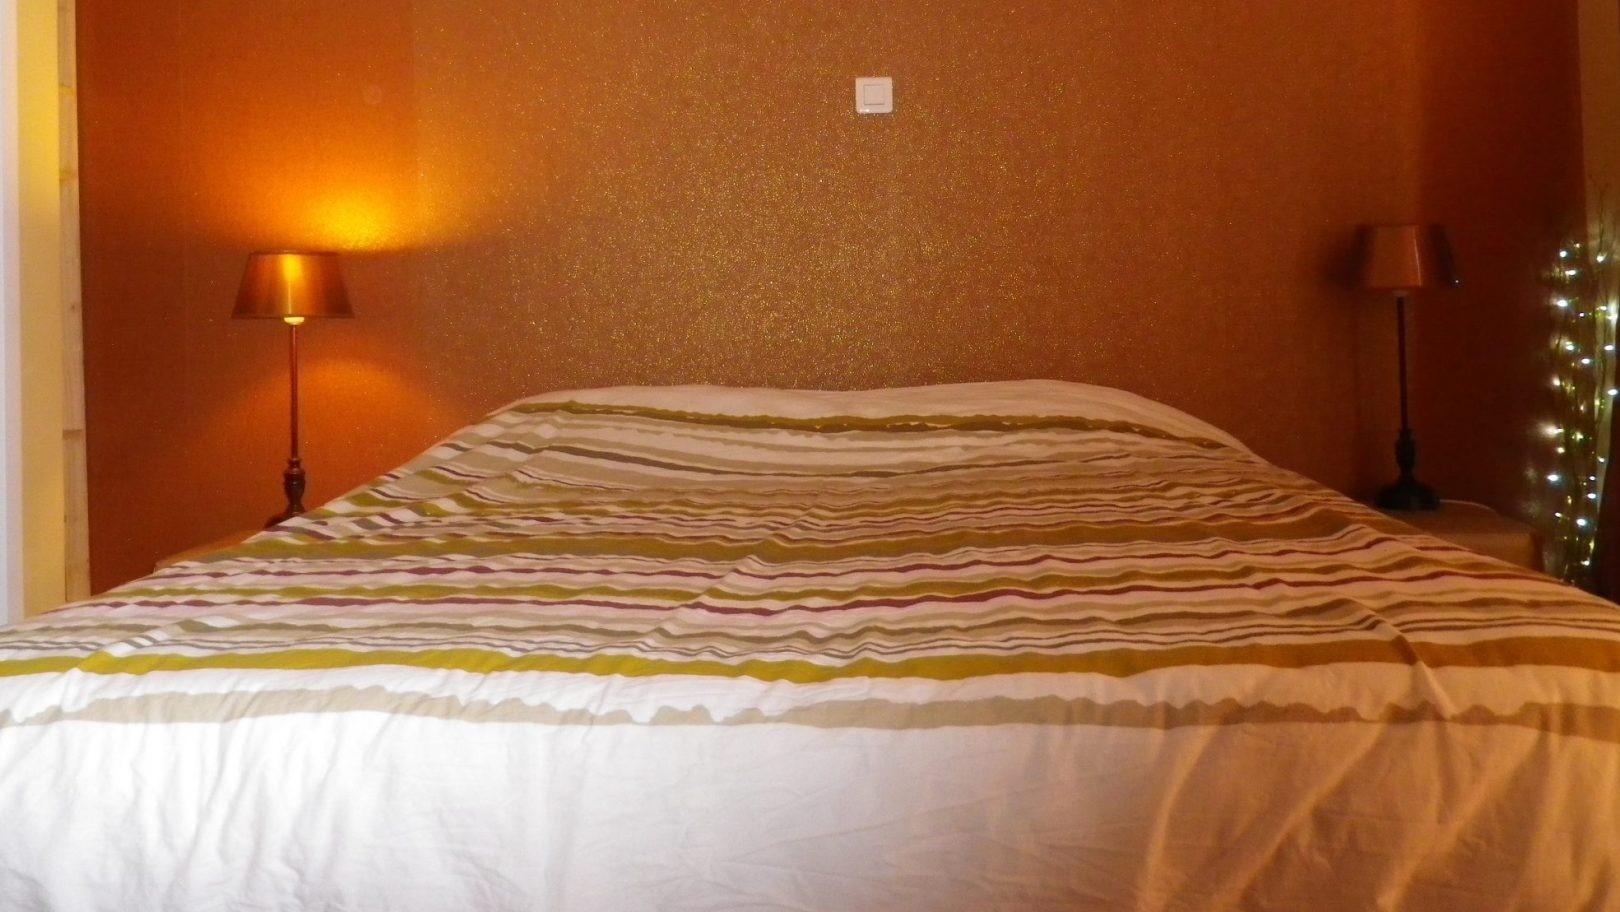 huisje-slaapkamer-16-9